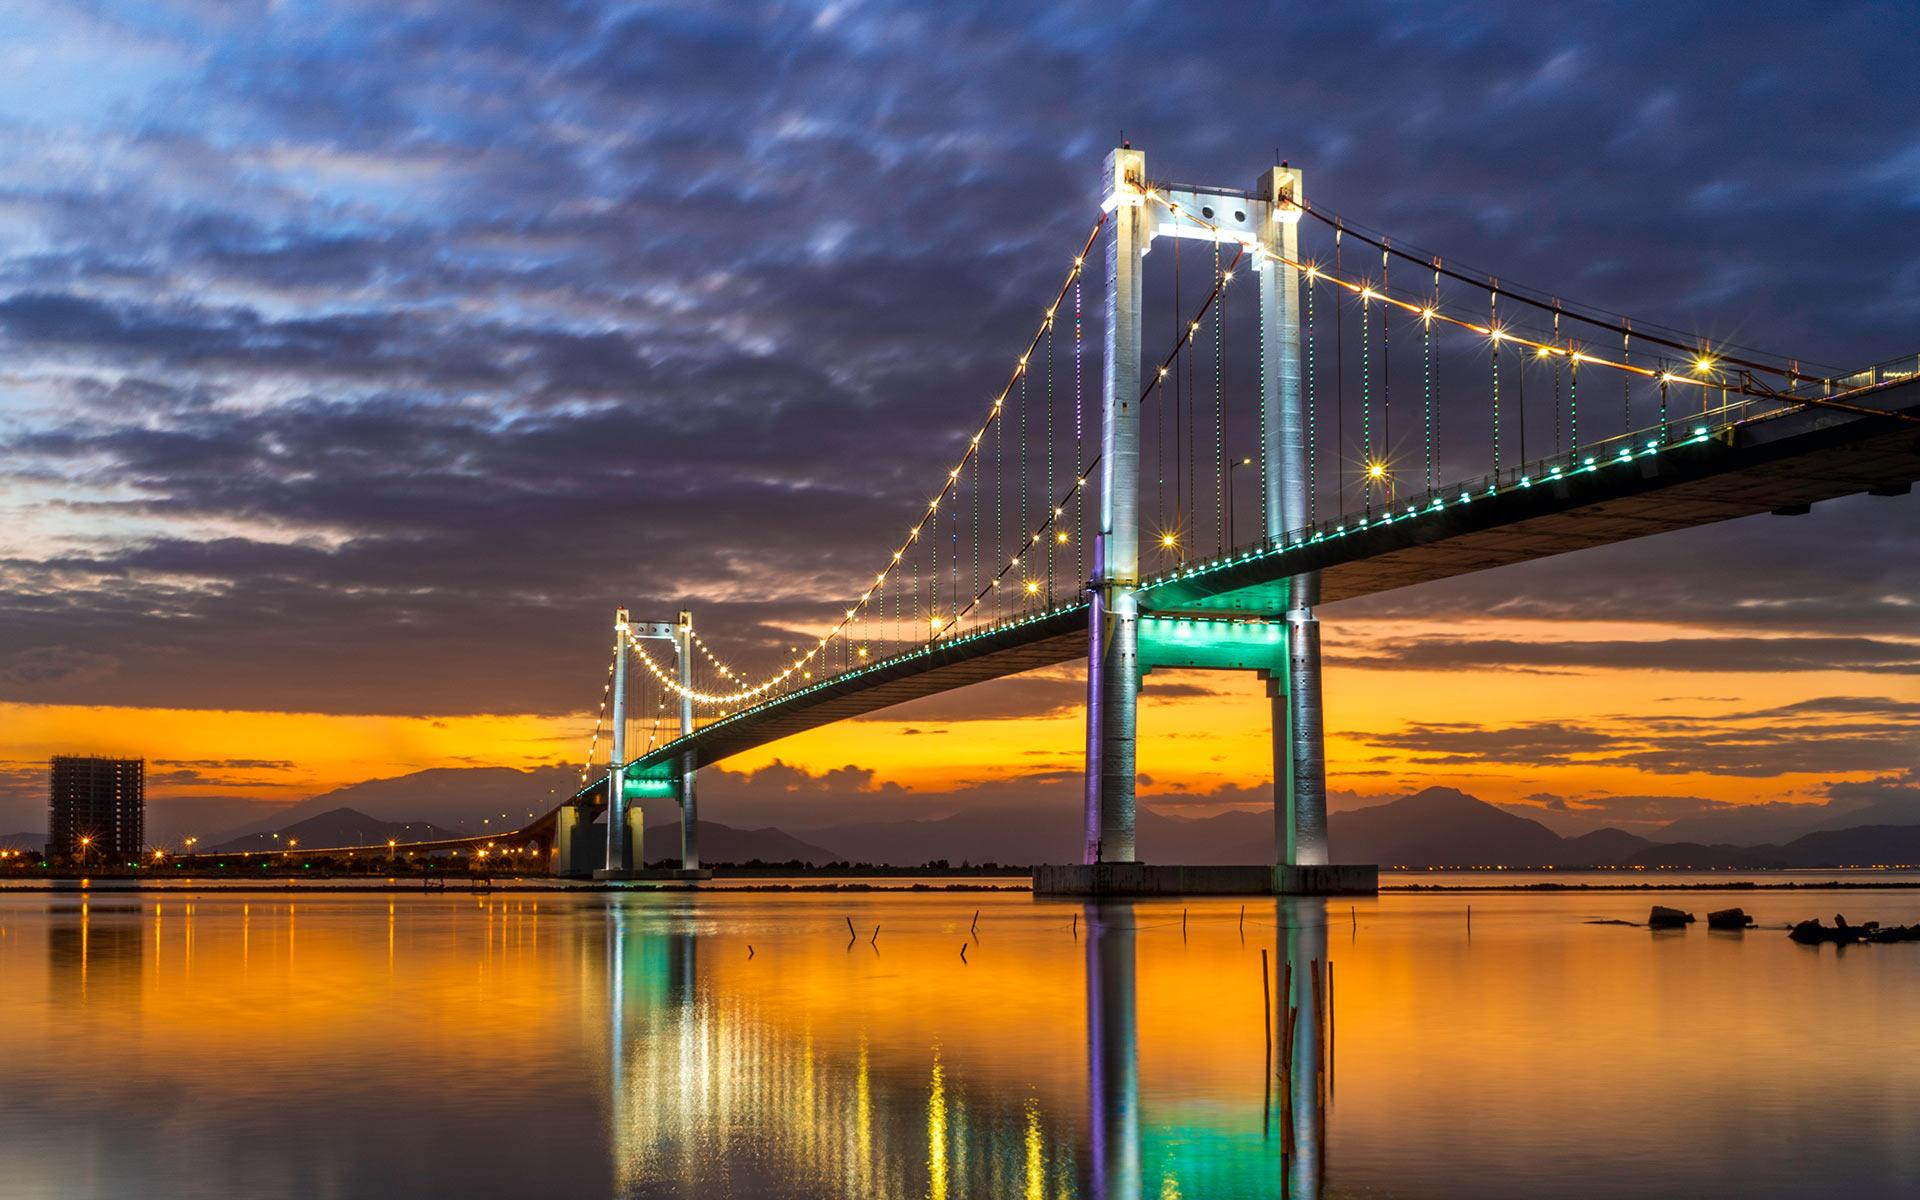 Thuan Phuoc Bridge in danang city